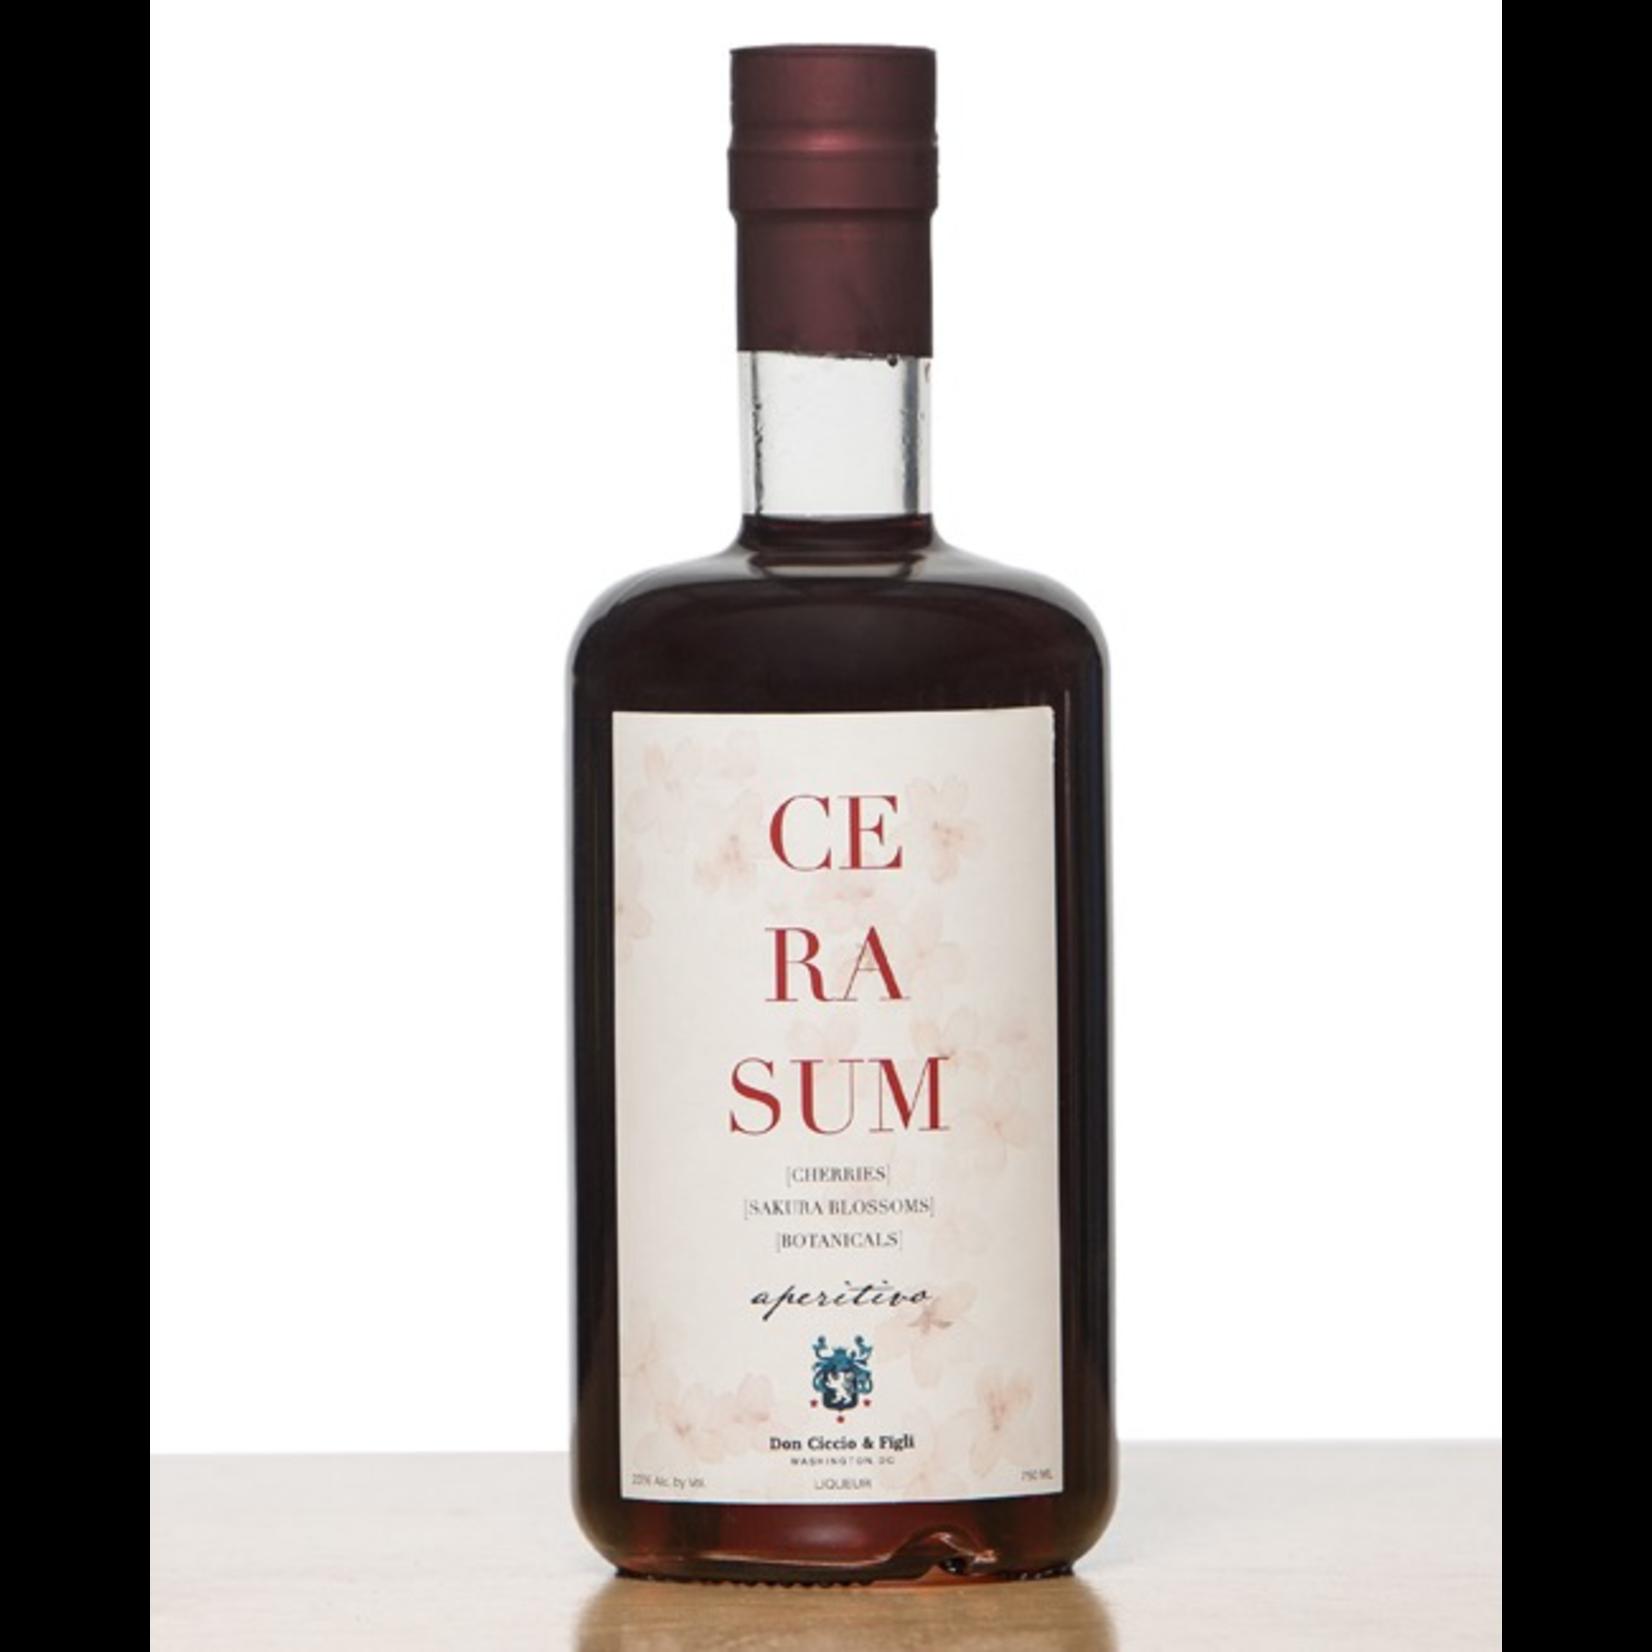 Spirits Don Ciccio & Figli Cerasum